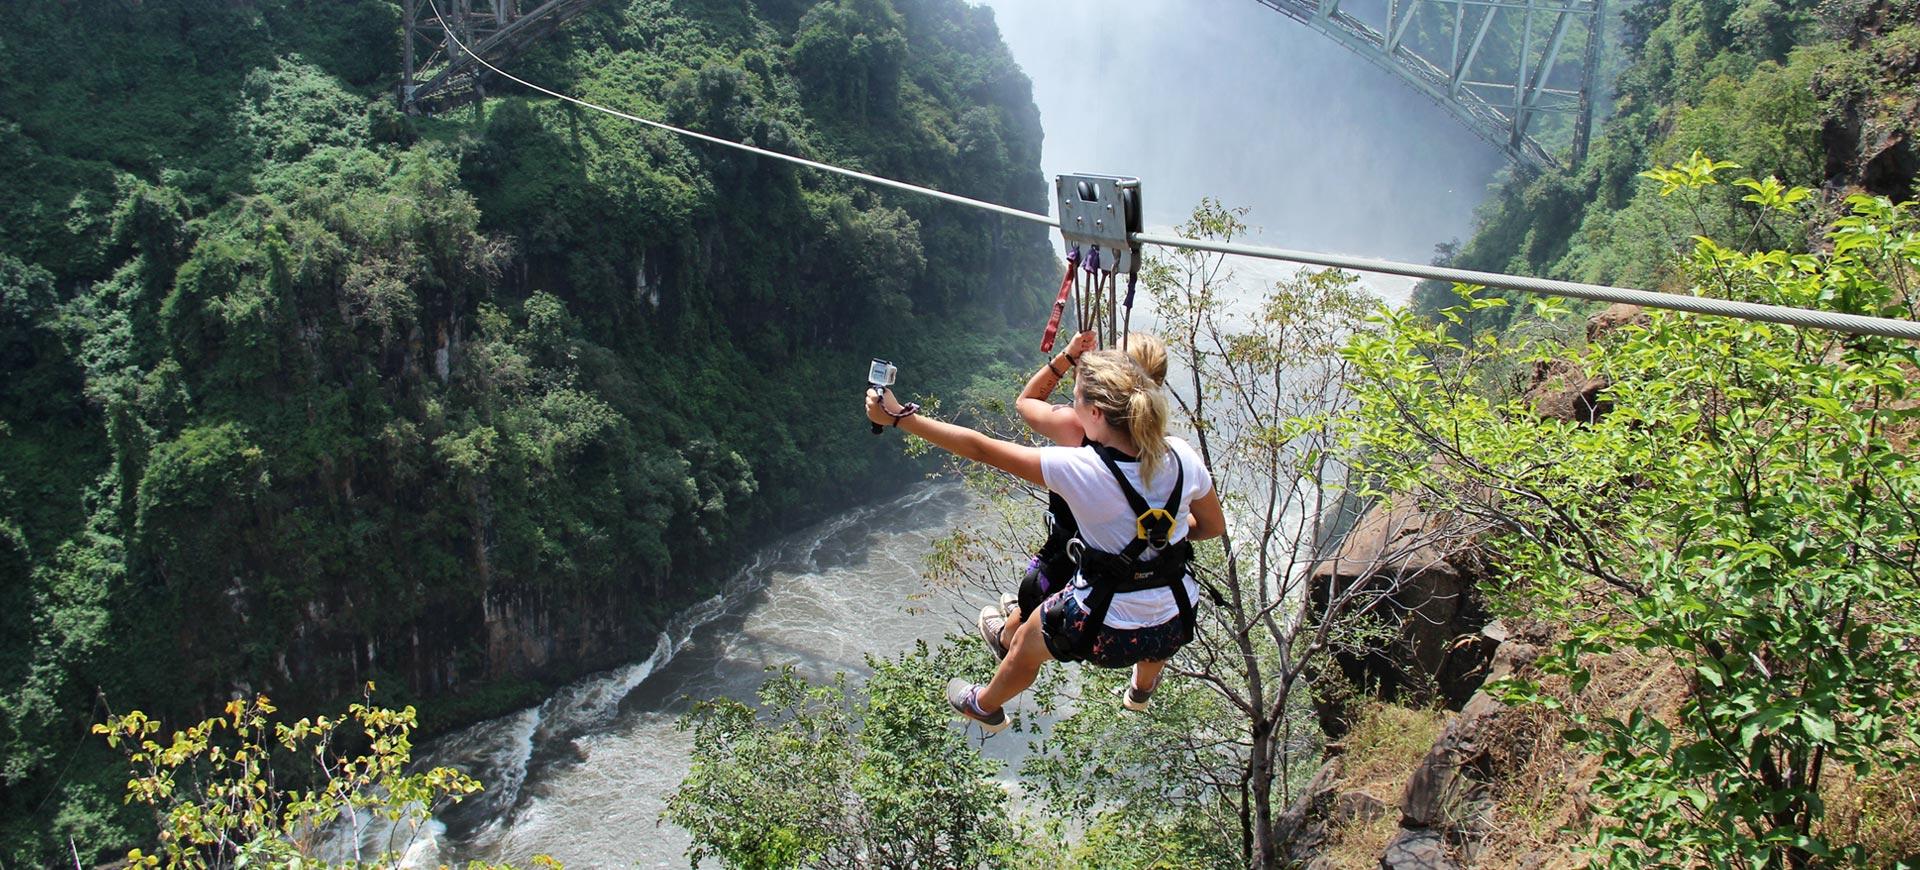 Zip Line Victoria Falls